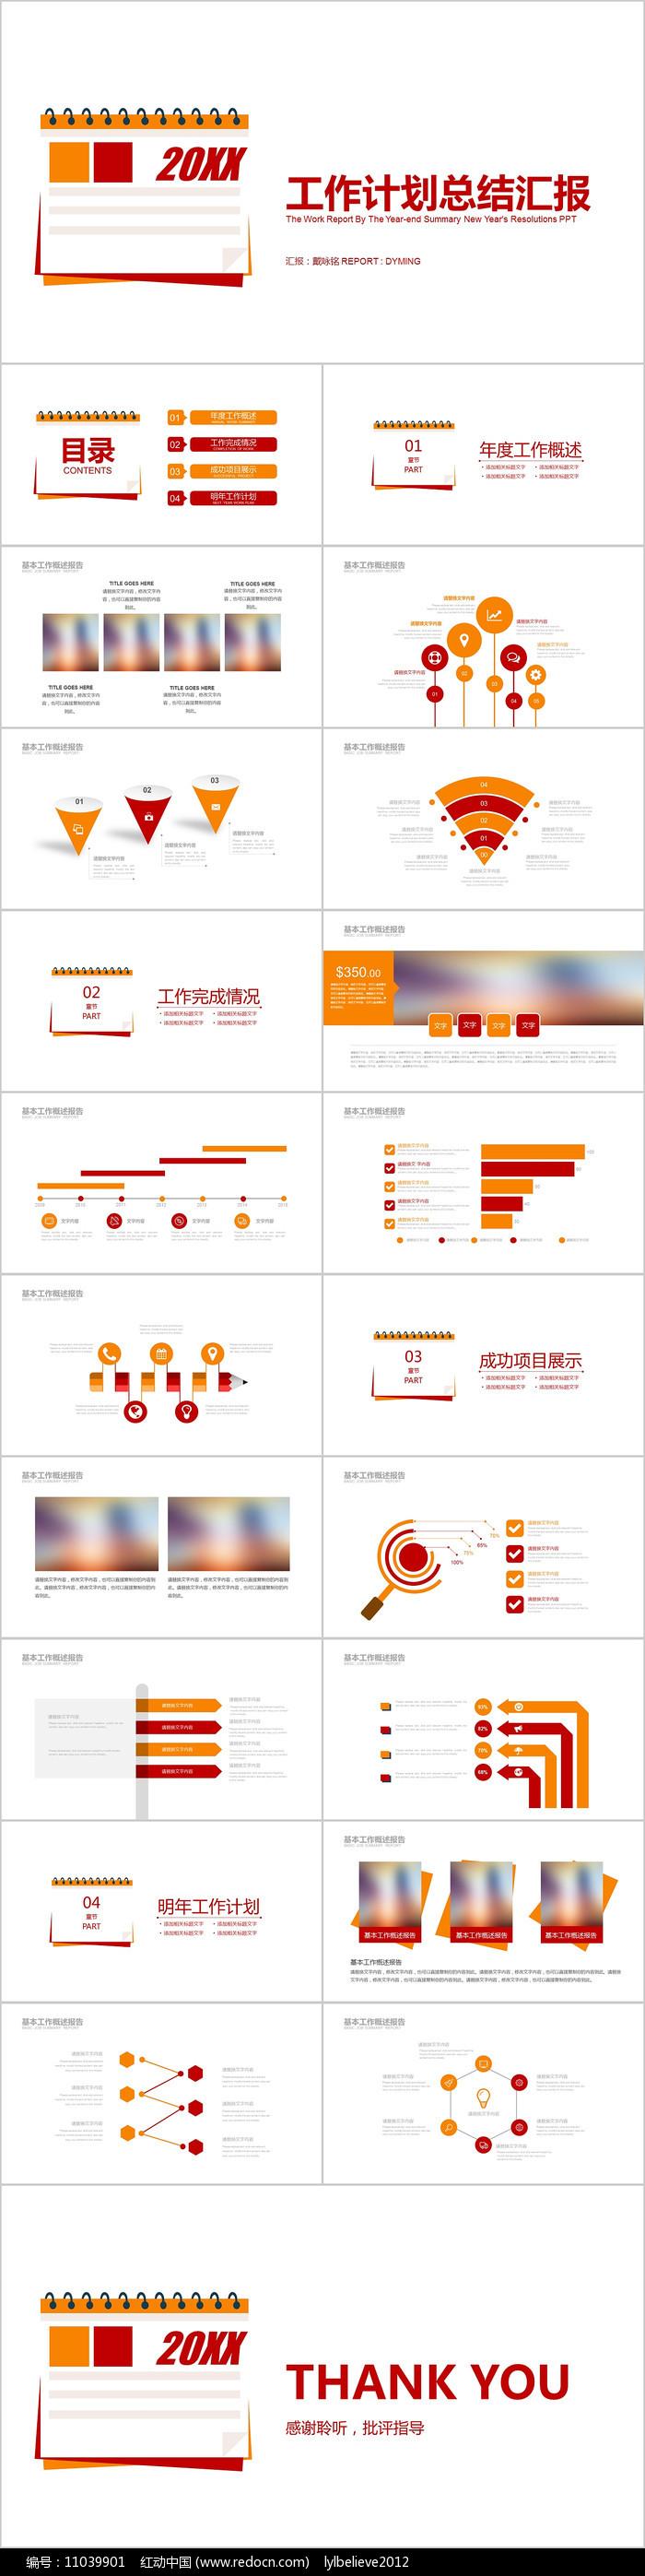 红橙色扁平工作总结工作计划PPT模板